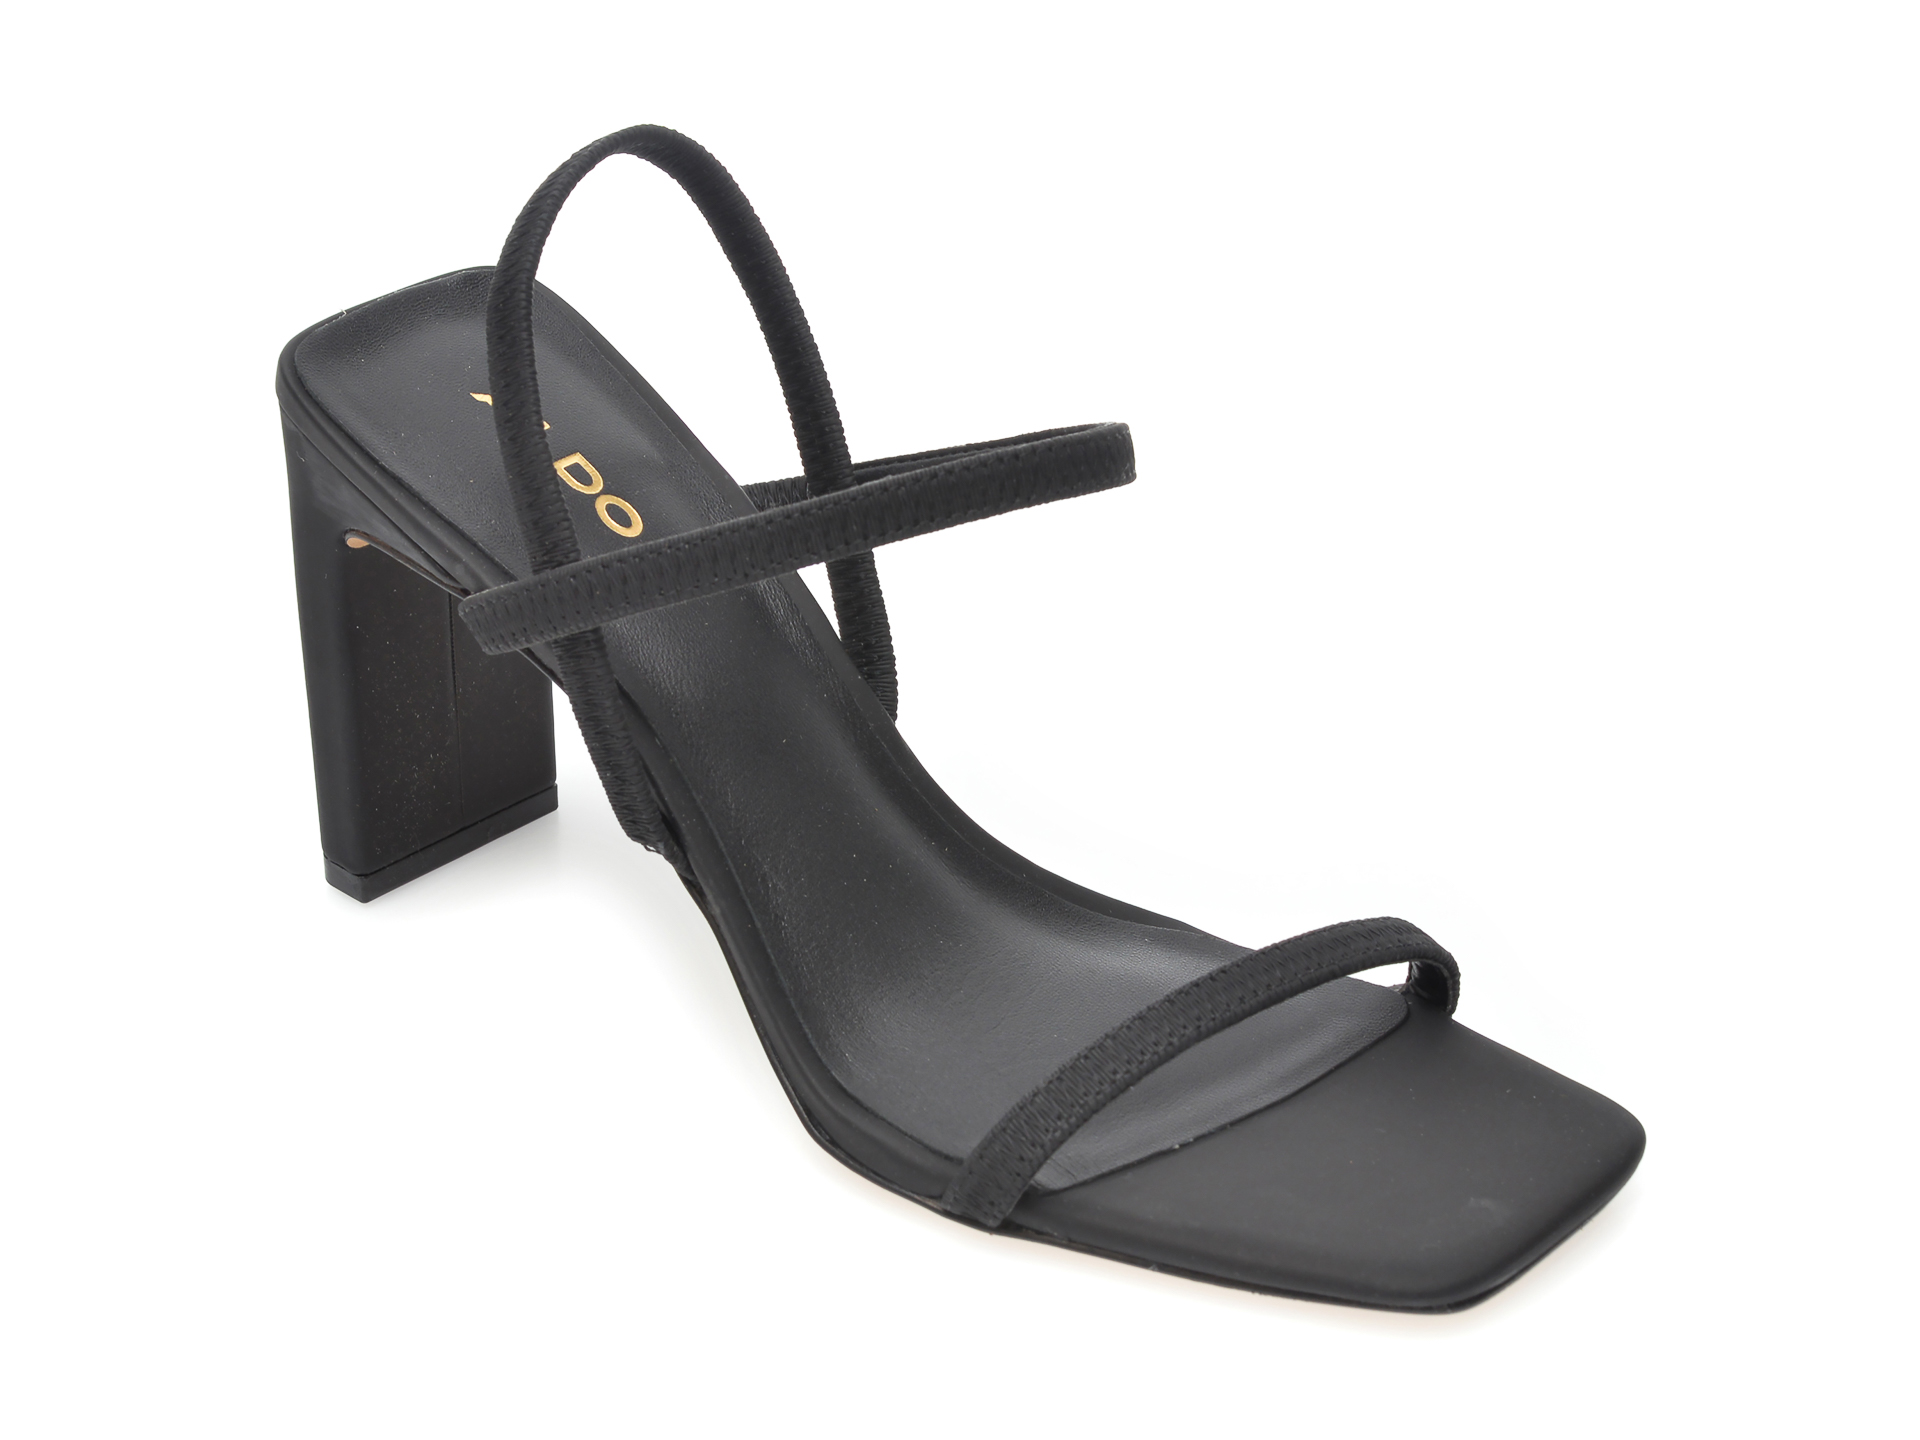 Sandale ALDO negre, Okurr001, din piele ecologica imagine otter.ro 2021